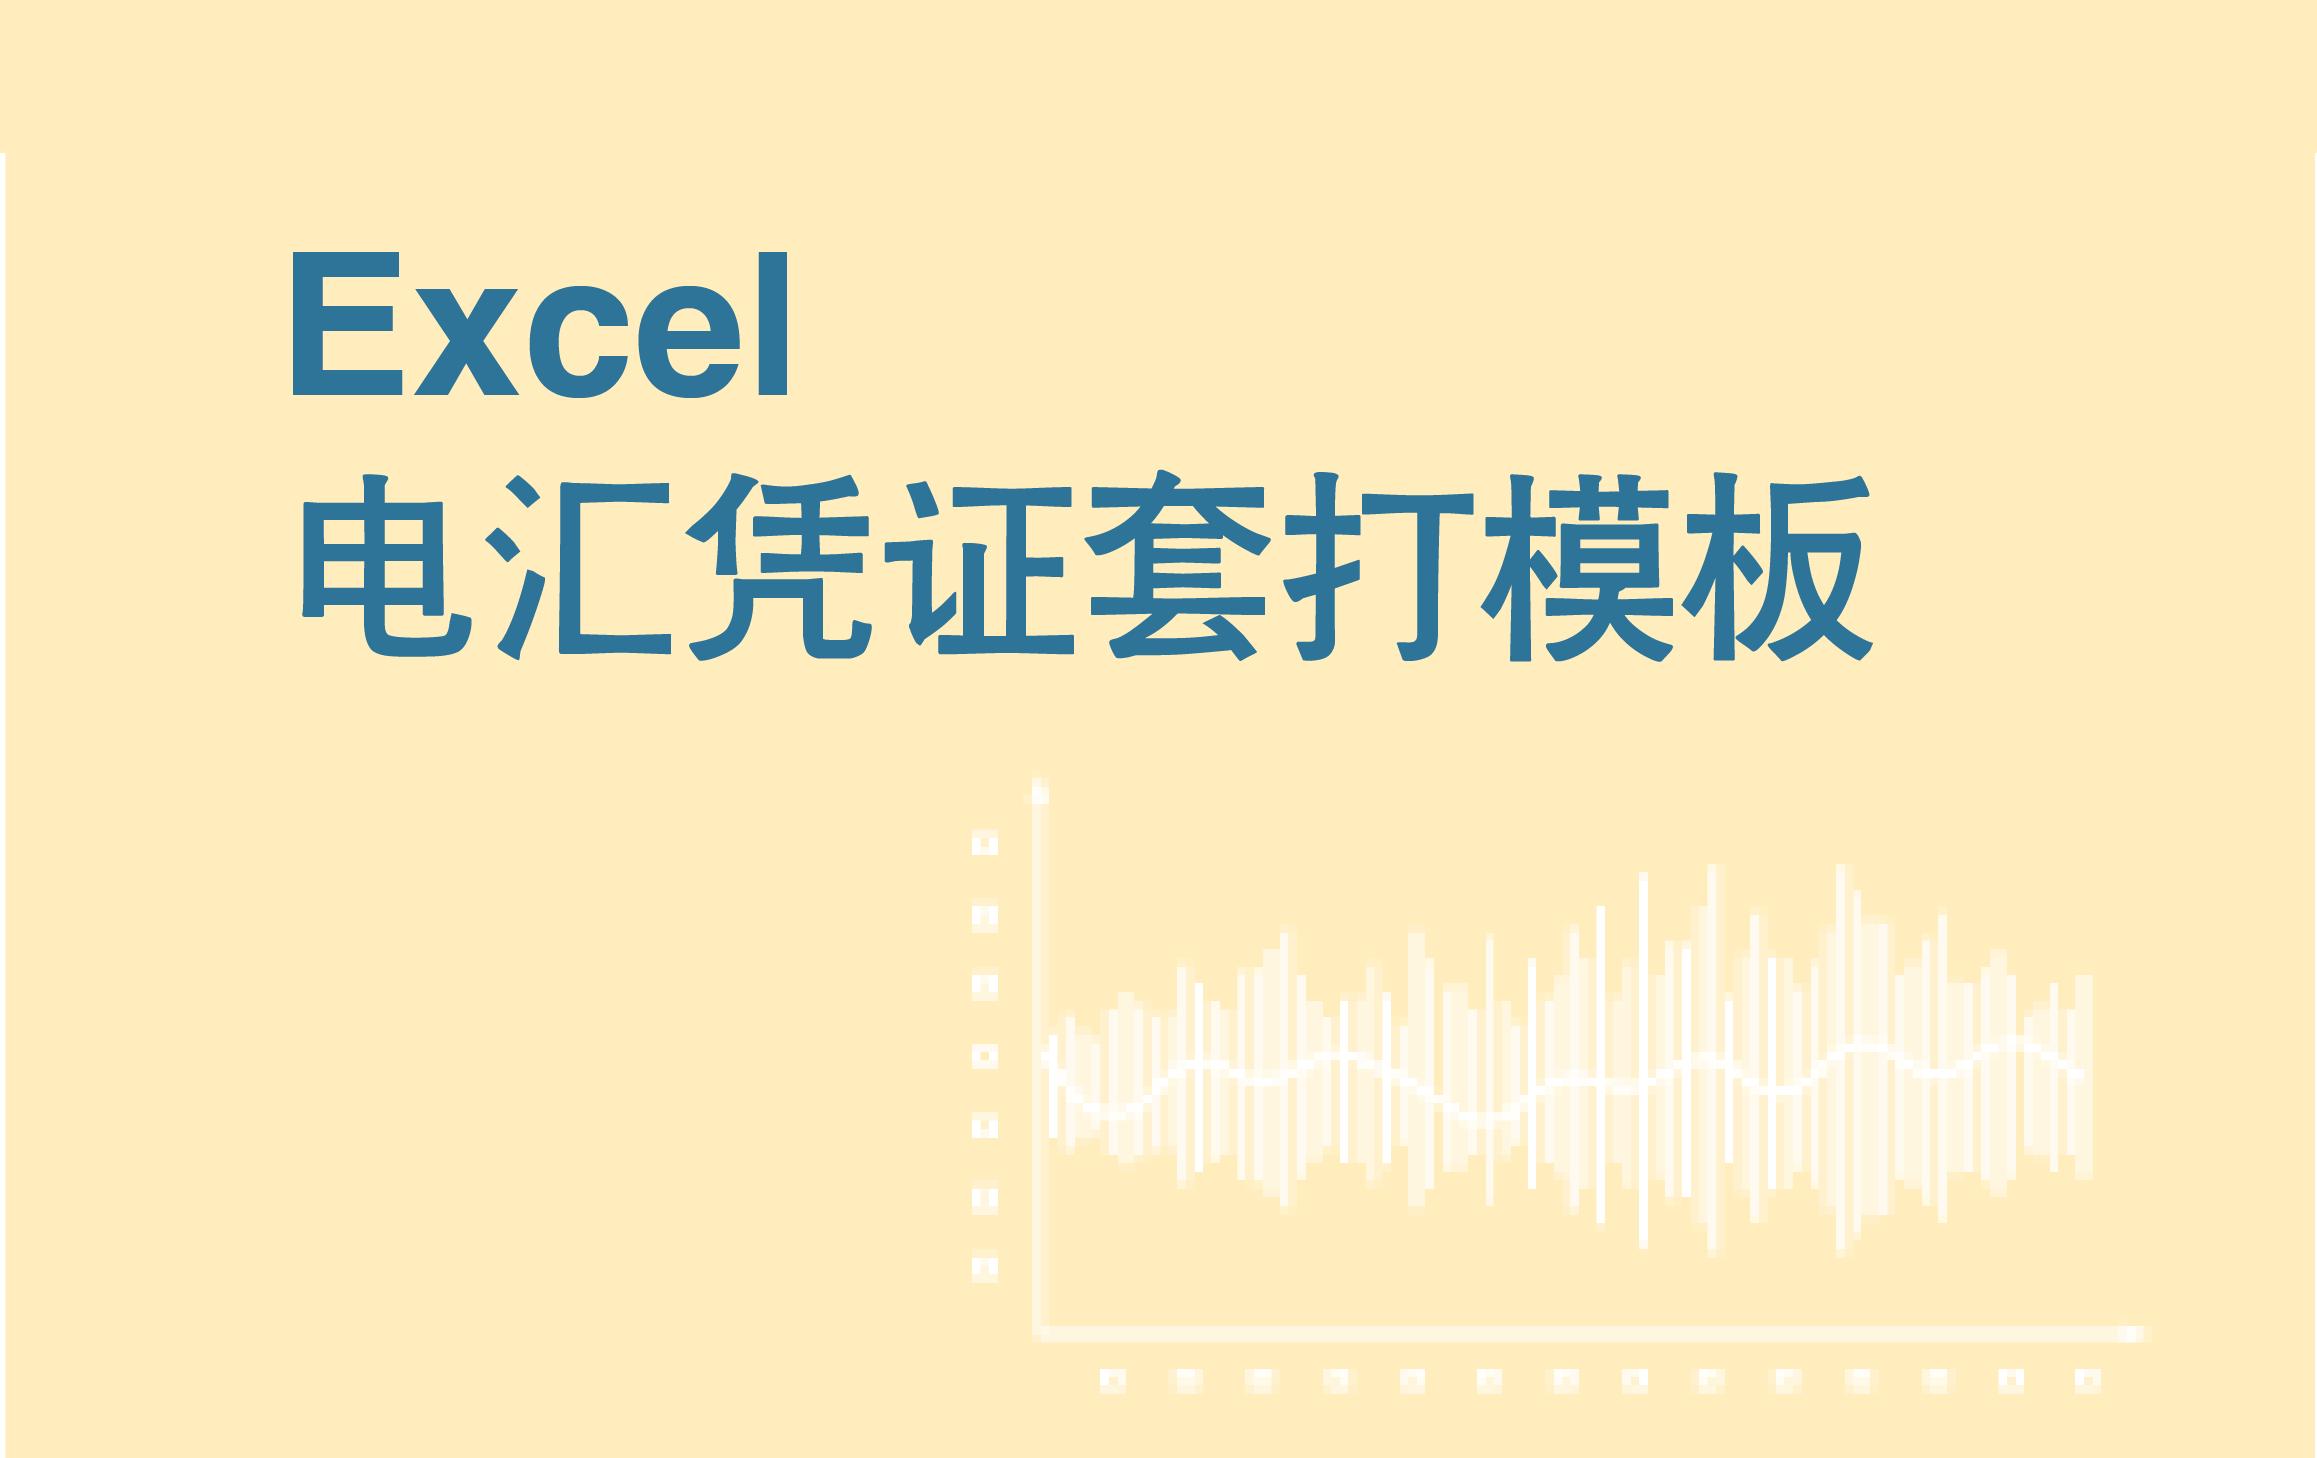 玩转Excel,制作实用电汇?#23616;?#22871;打模版